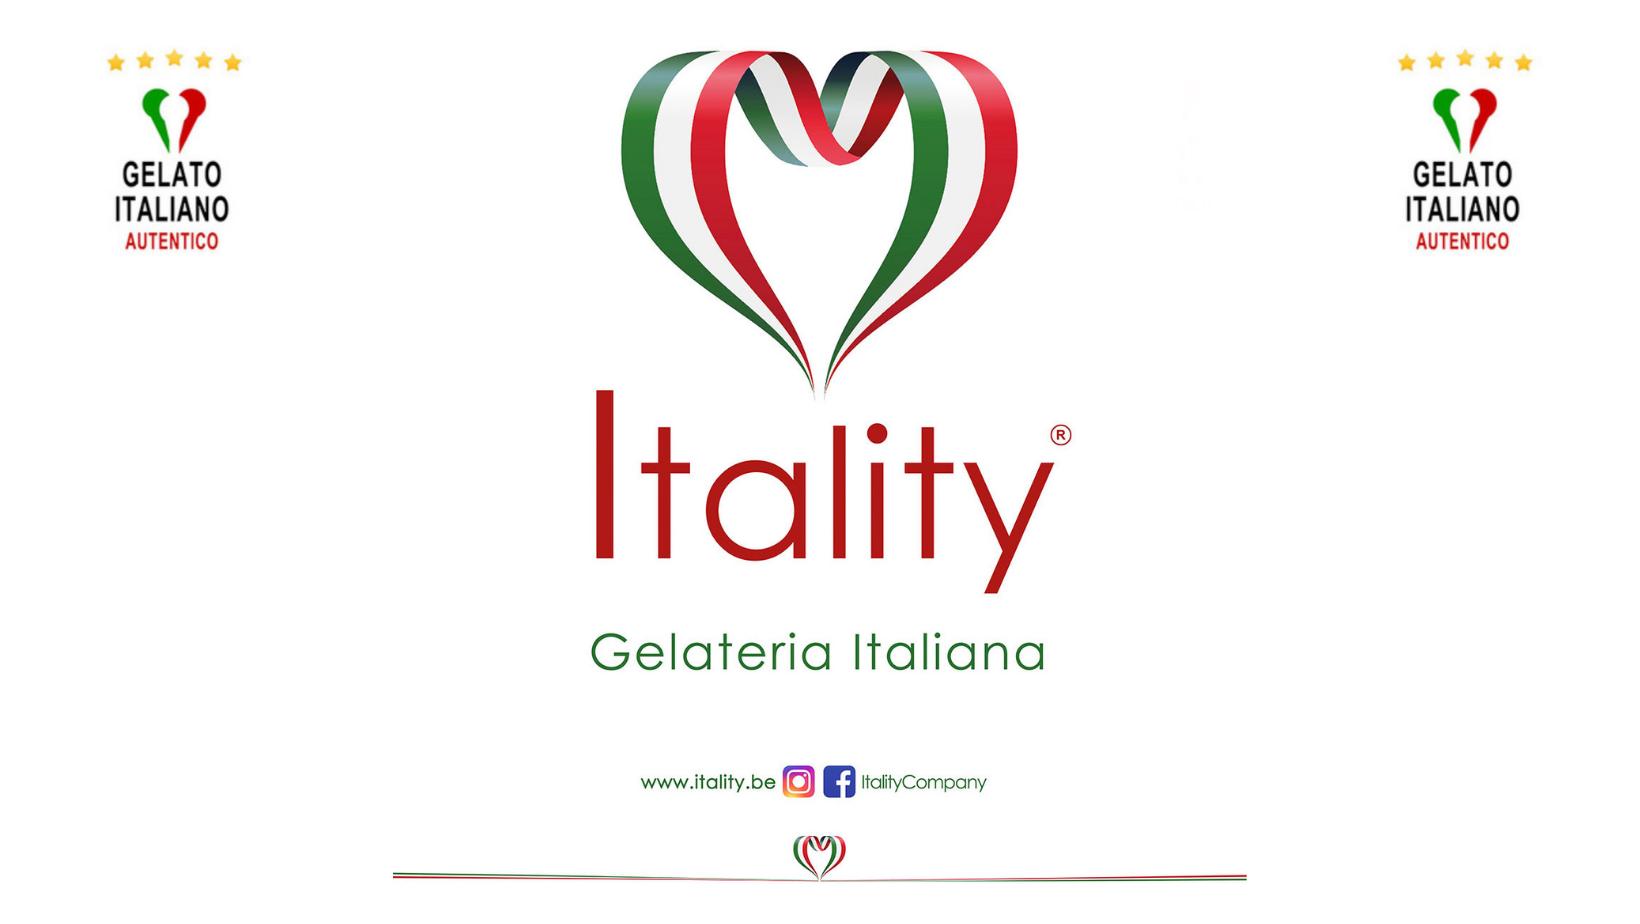 Itality ® (Gelateria Italiana)